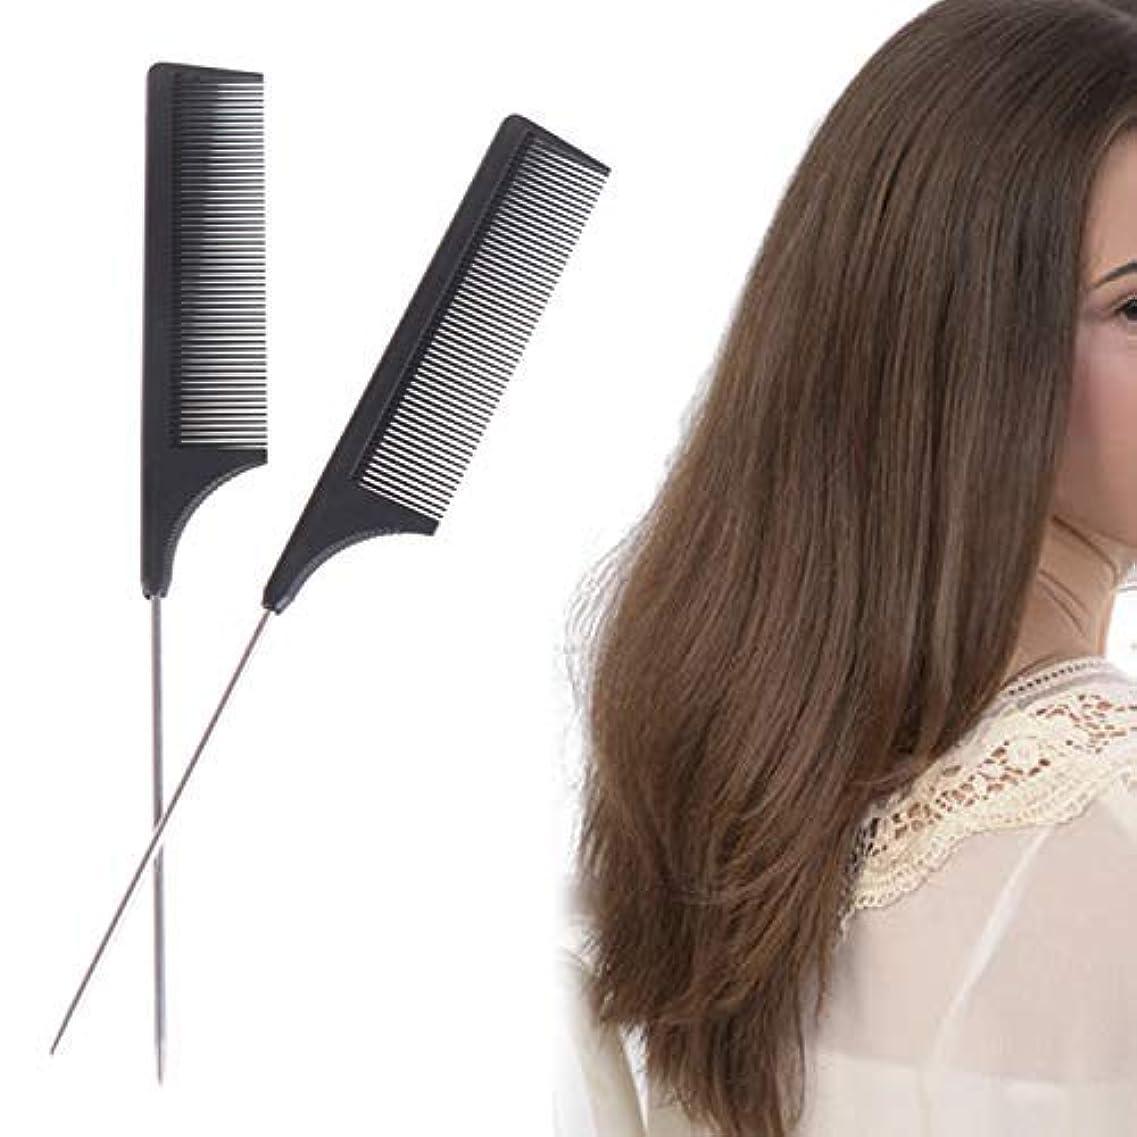 エアコン誤解する従来の2 Pieces Comb Black Tail Styling Comb Chemical Heat Resistant Teasing Comb Carbon Fiber Hair Styling Combs for Women Men Hair Types Styles [並行輸入品]